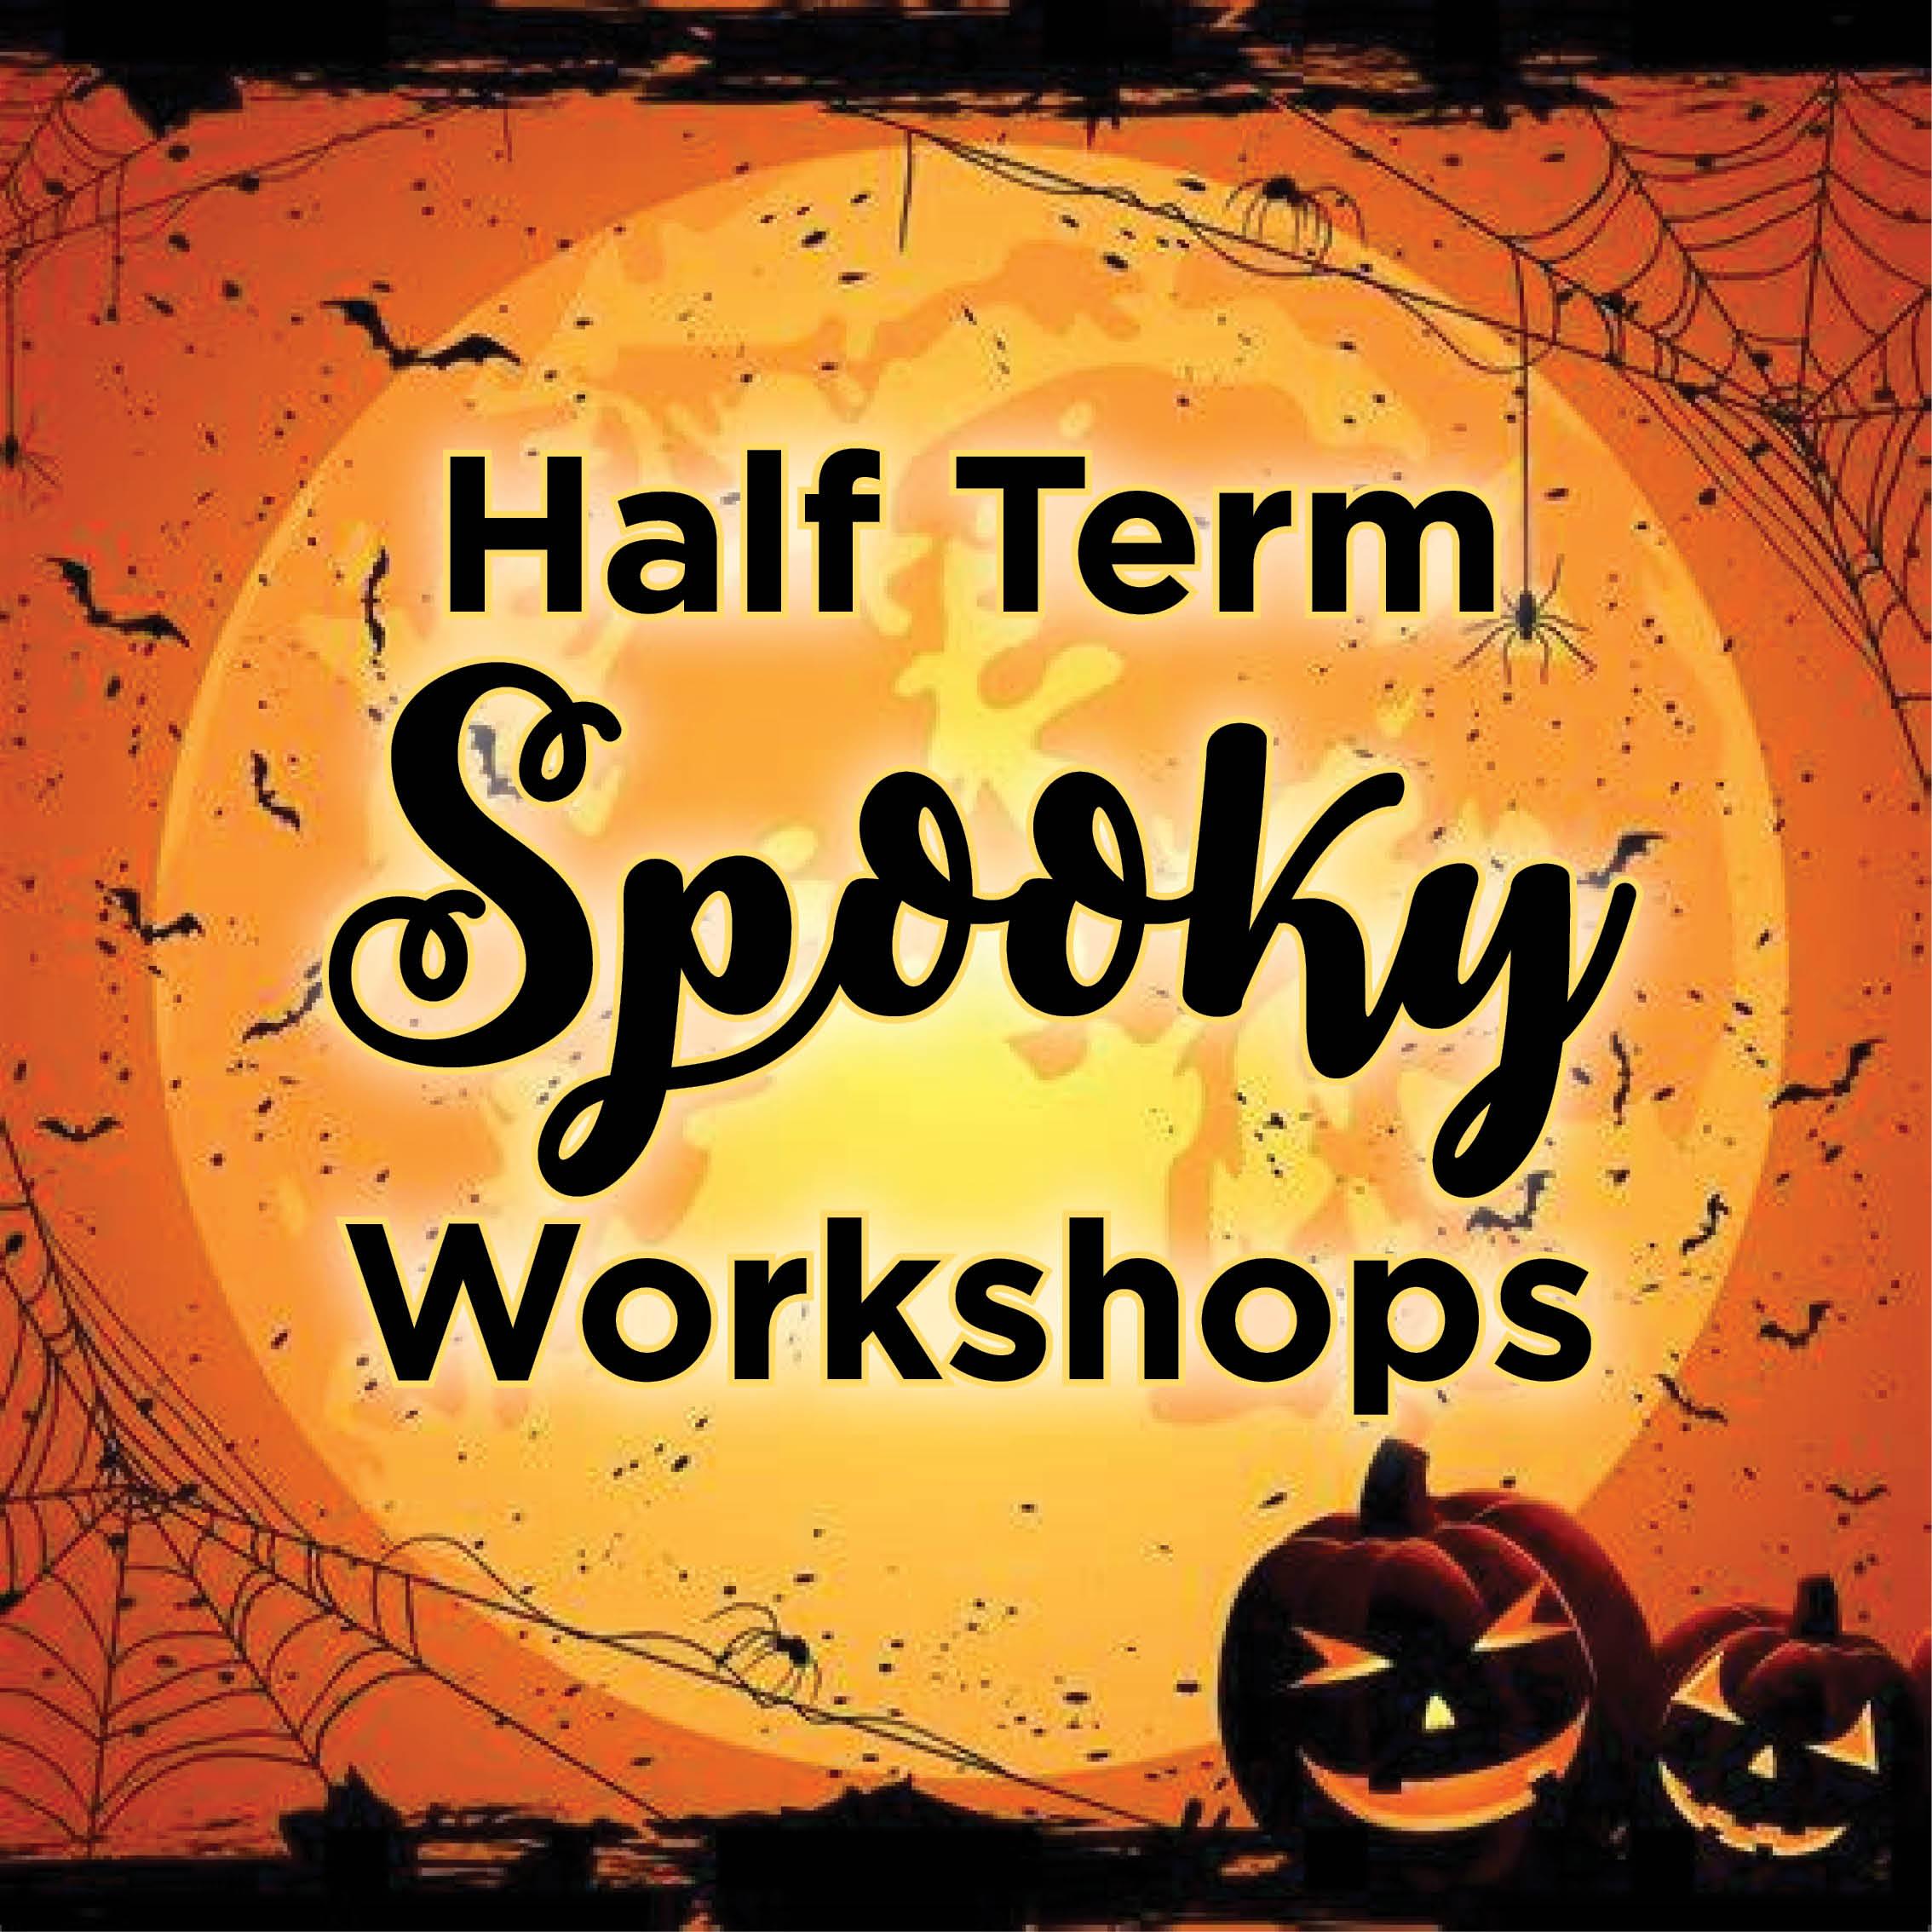 October Half Term Workshops